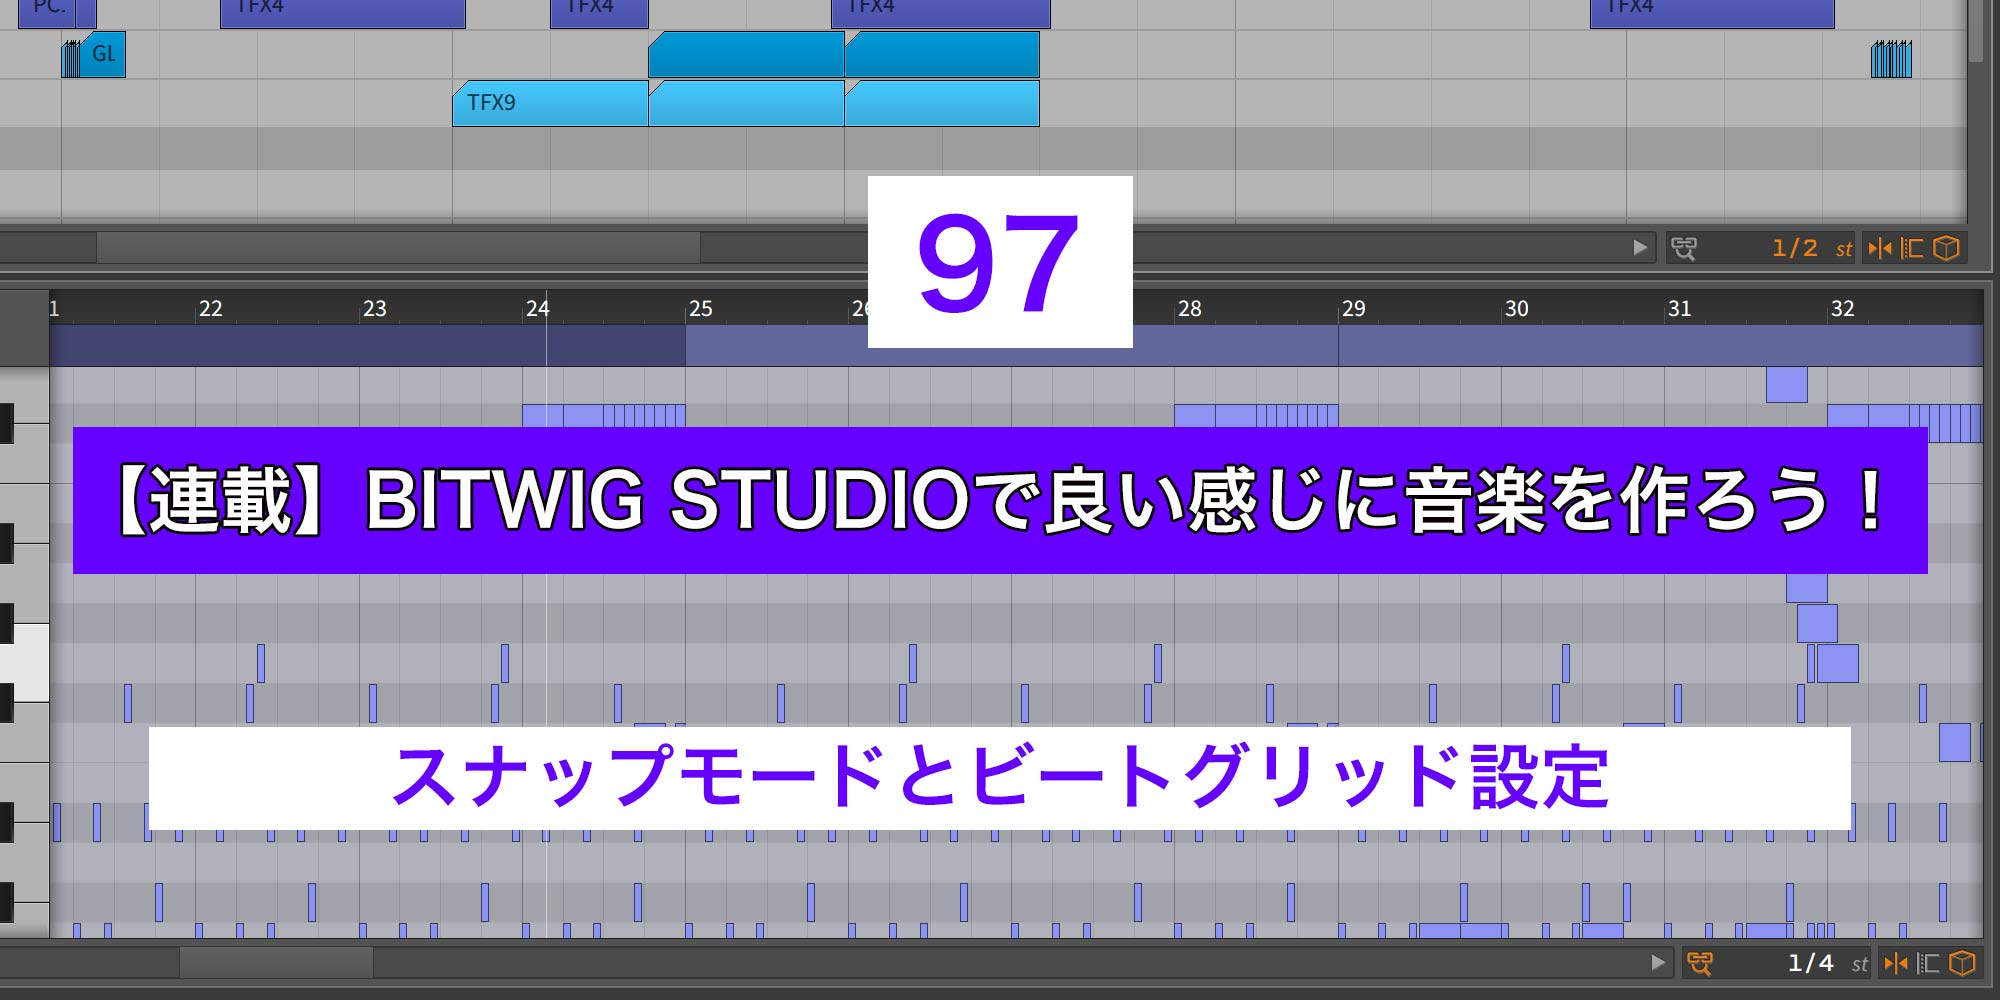 【連載】BITWIG STUDIOで良い感じに音楽を作ろう!【97】